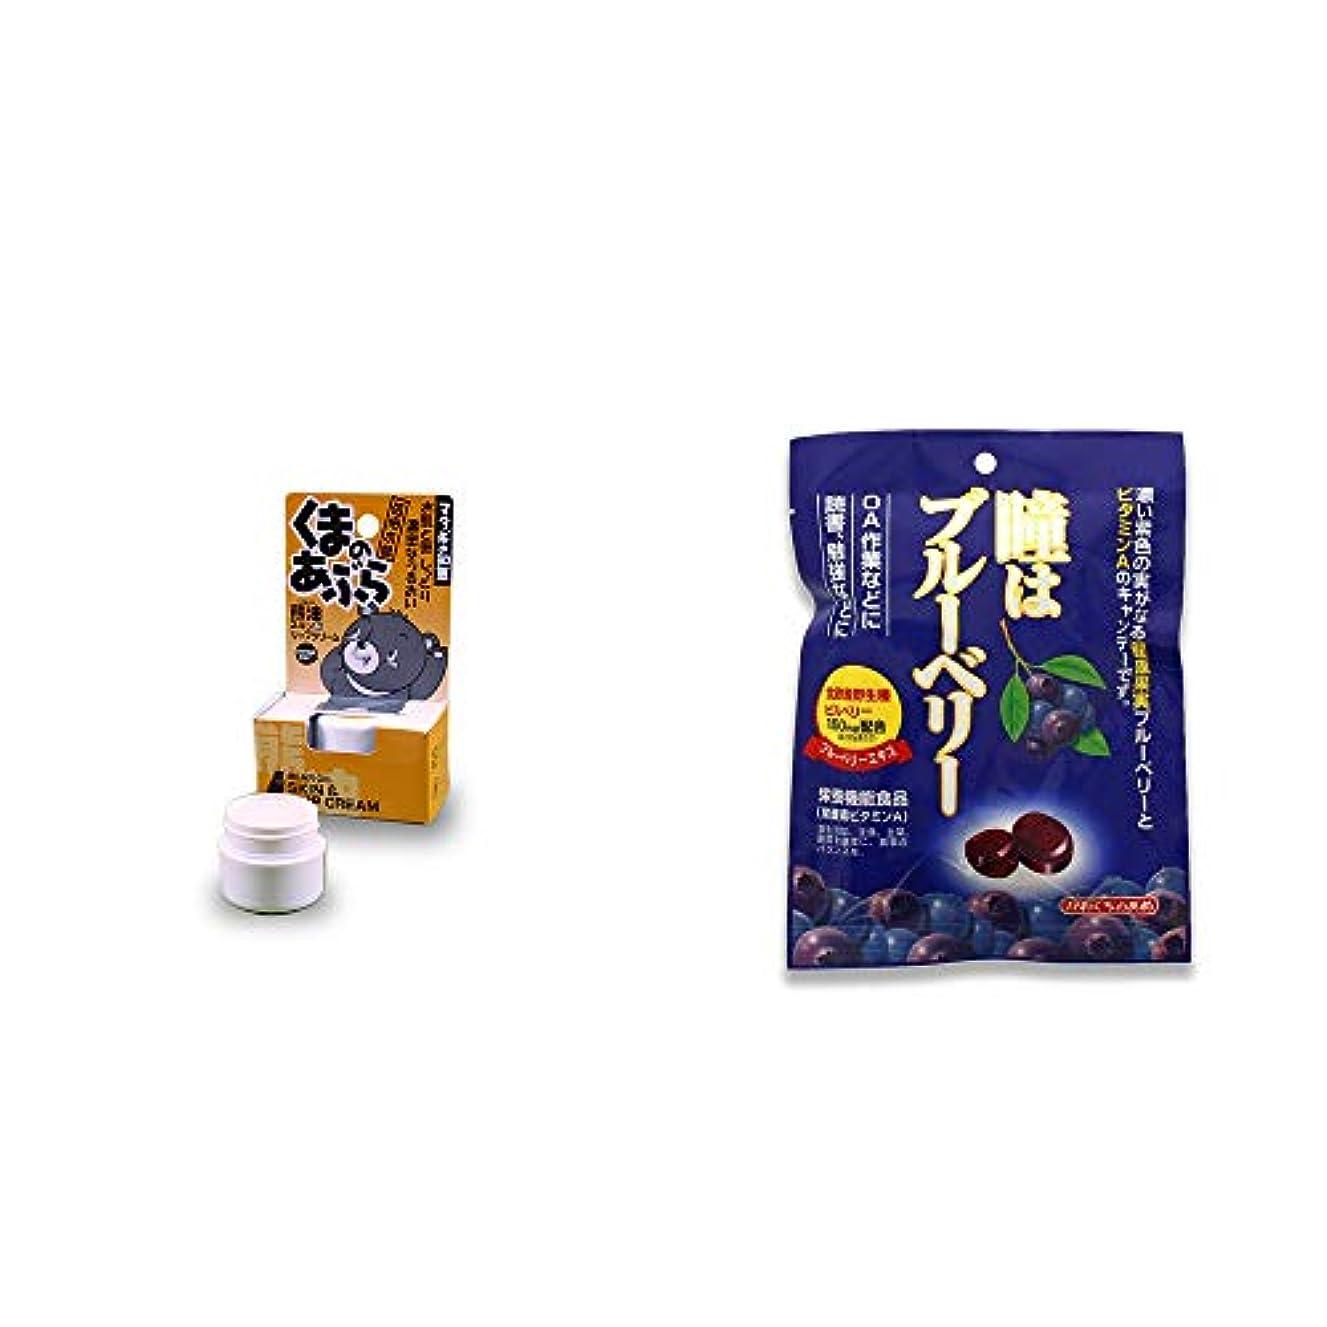 レース名誉キラウエア山[2点セット] 信州木曽 くまのあぶら 熊油スキン&リップクリーム(9g)?瞳はブルーベリー 健康機能食品[ビタミンA](100g)